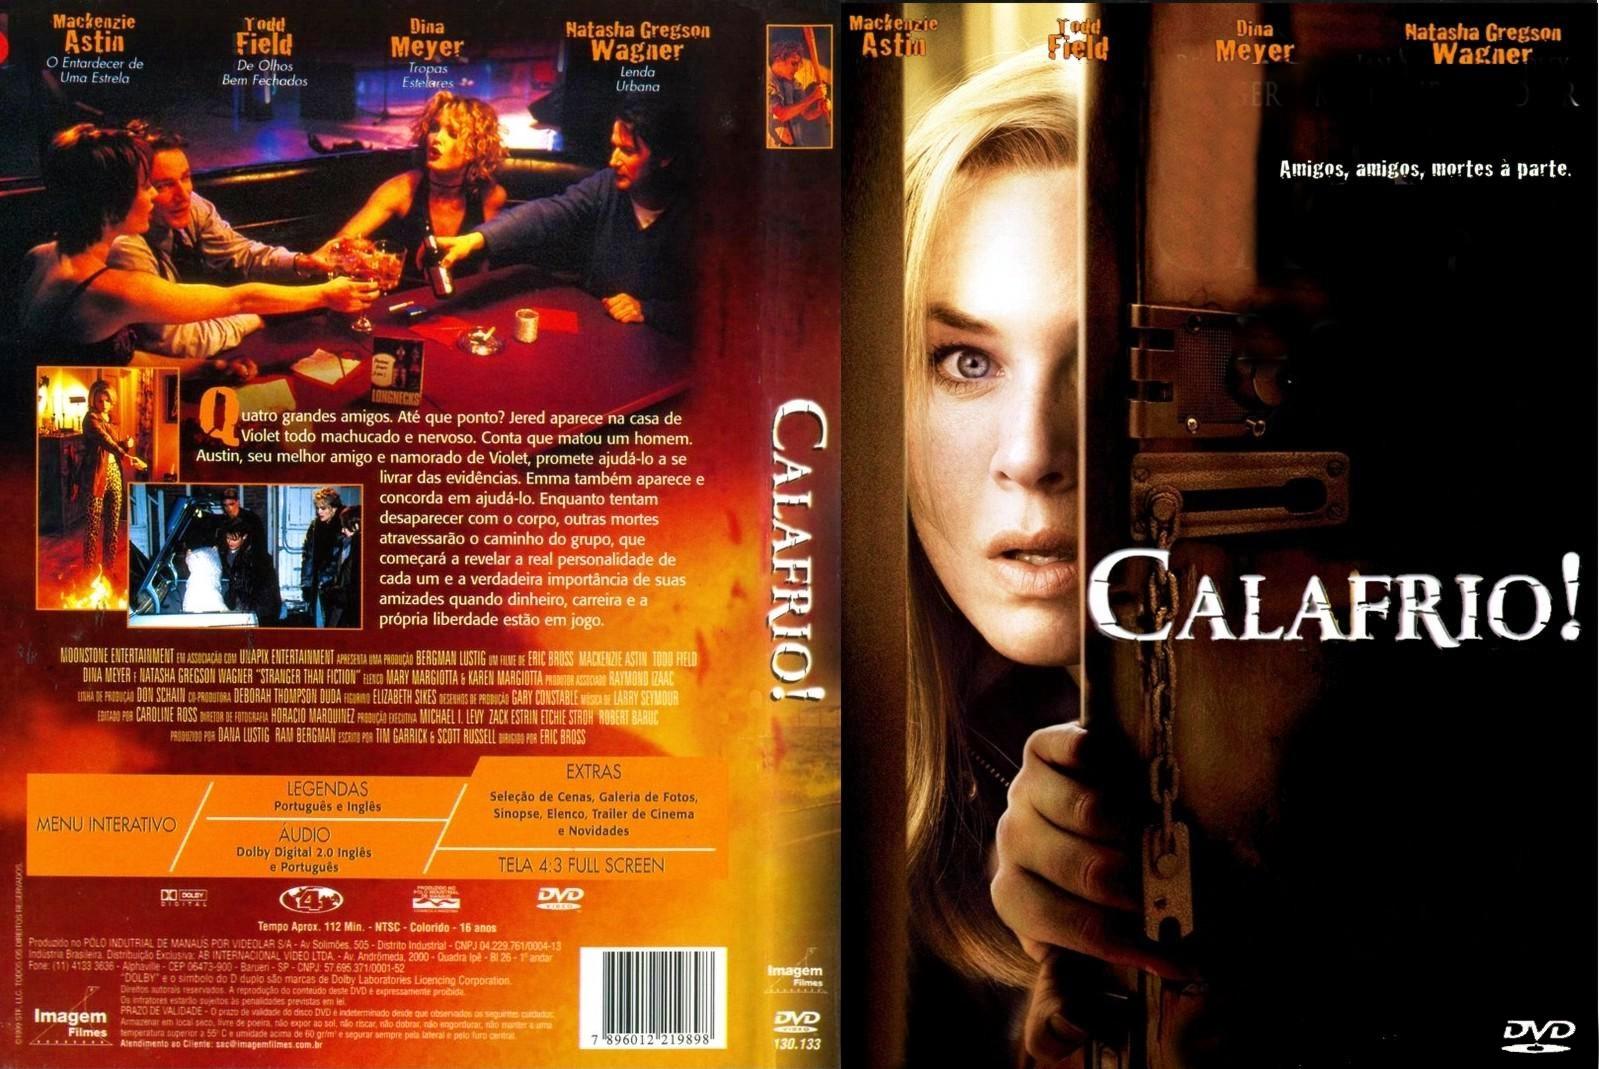 http://2.bp.blogspot.com/-yndmkAMvHuQ/T0d1NDvU5jI/AAAAAAAAA-A/dKt0nDwmDLc/s1600/Calafrio.jpg